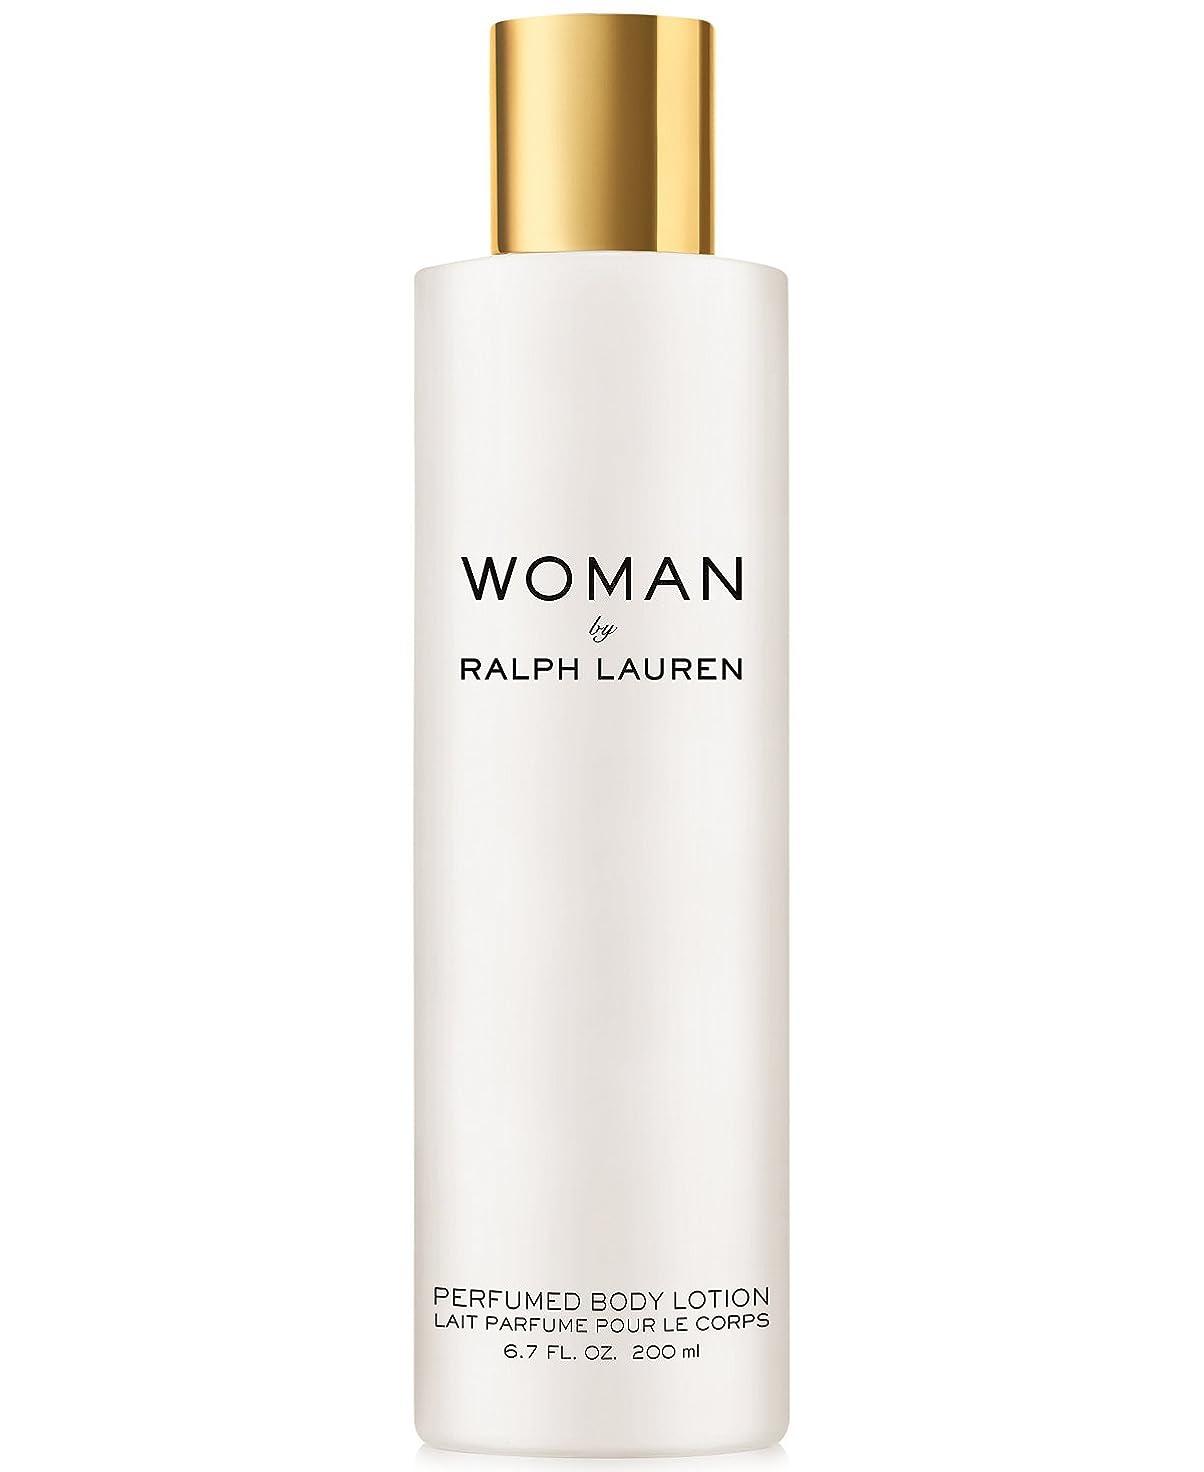 逃す素晴らしき統合するWoman (ウーマン) 6.7 oz (200ml) Perfumed Body Lotion(ラルフ ローレン)